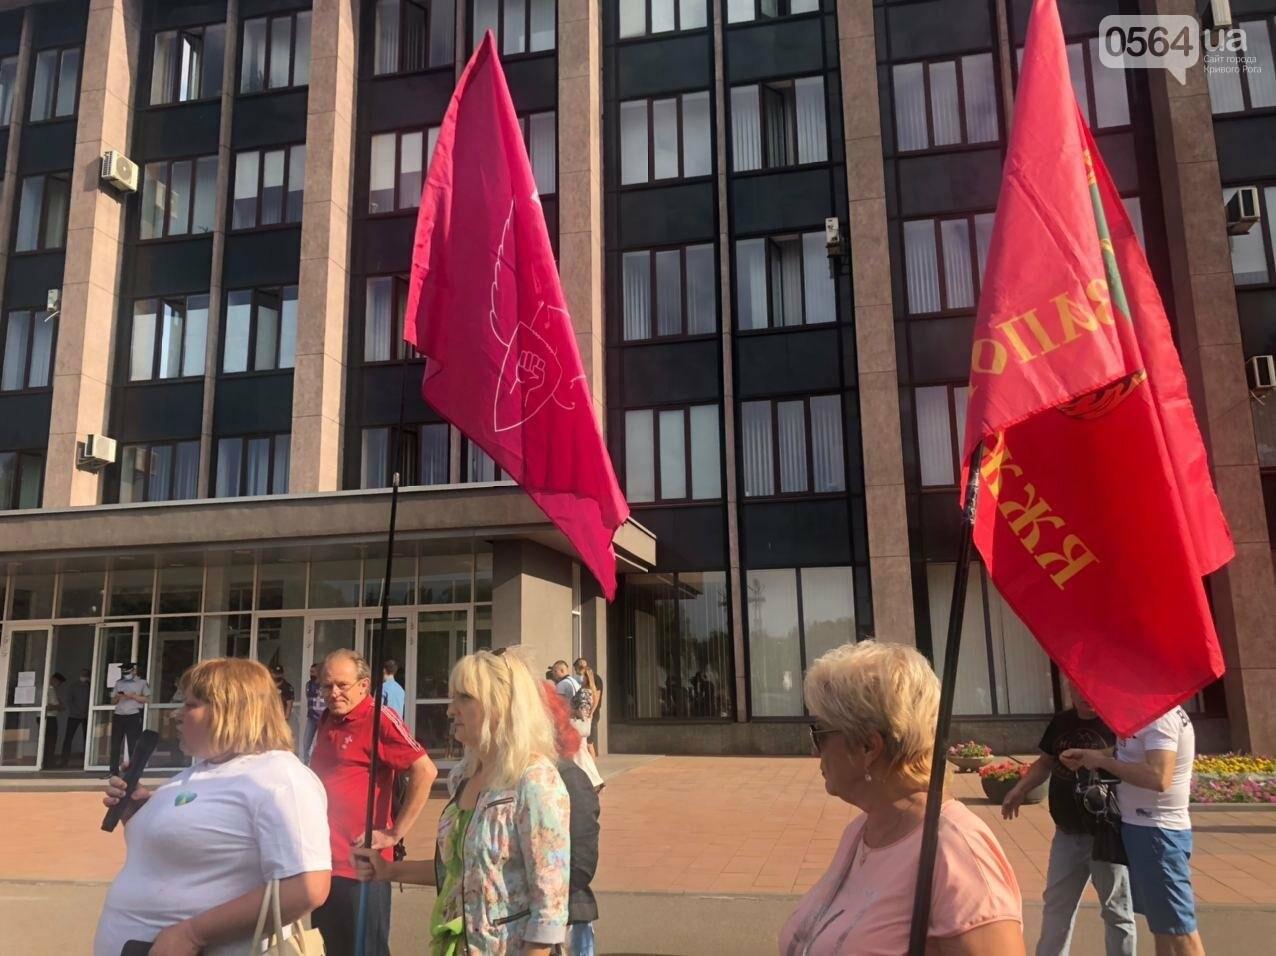 Криворожские предприниматели снова вышли на акцию, - ФОТО, фото-4